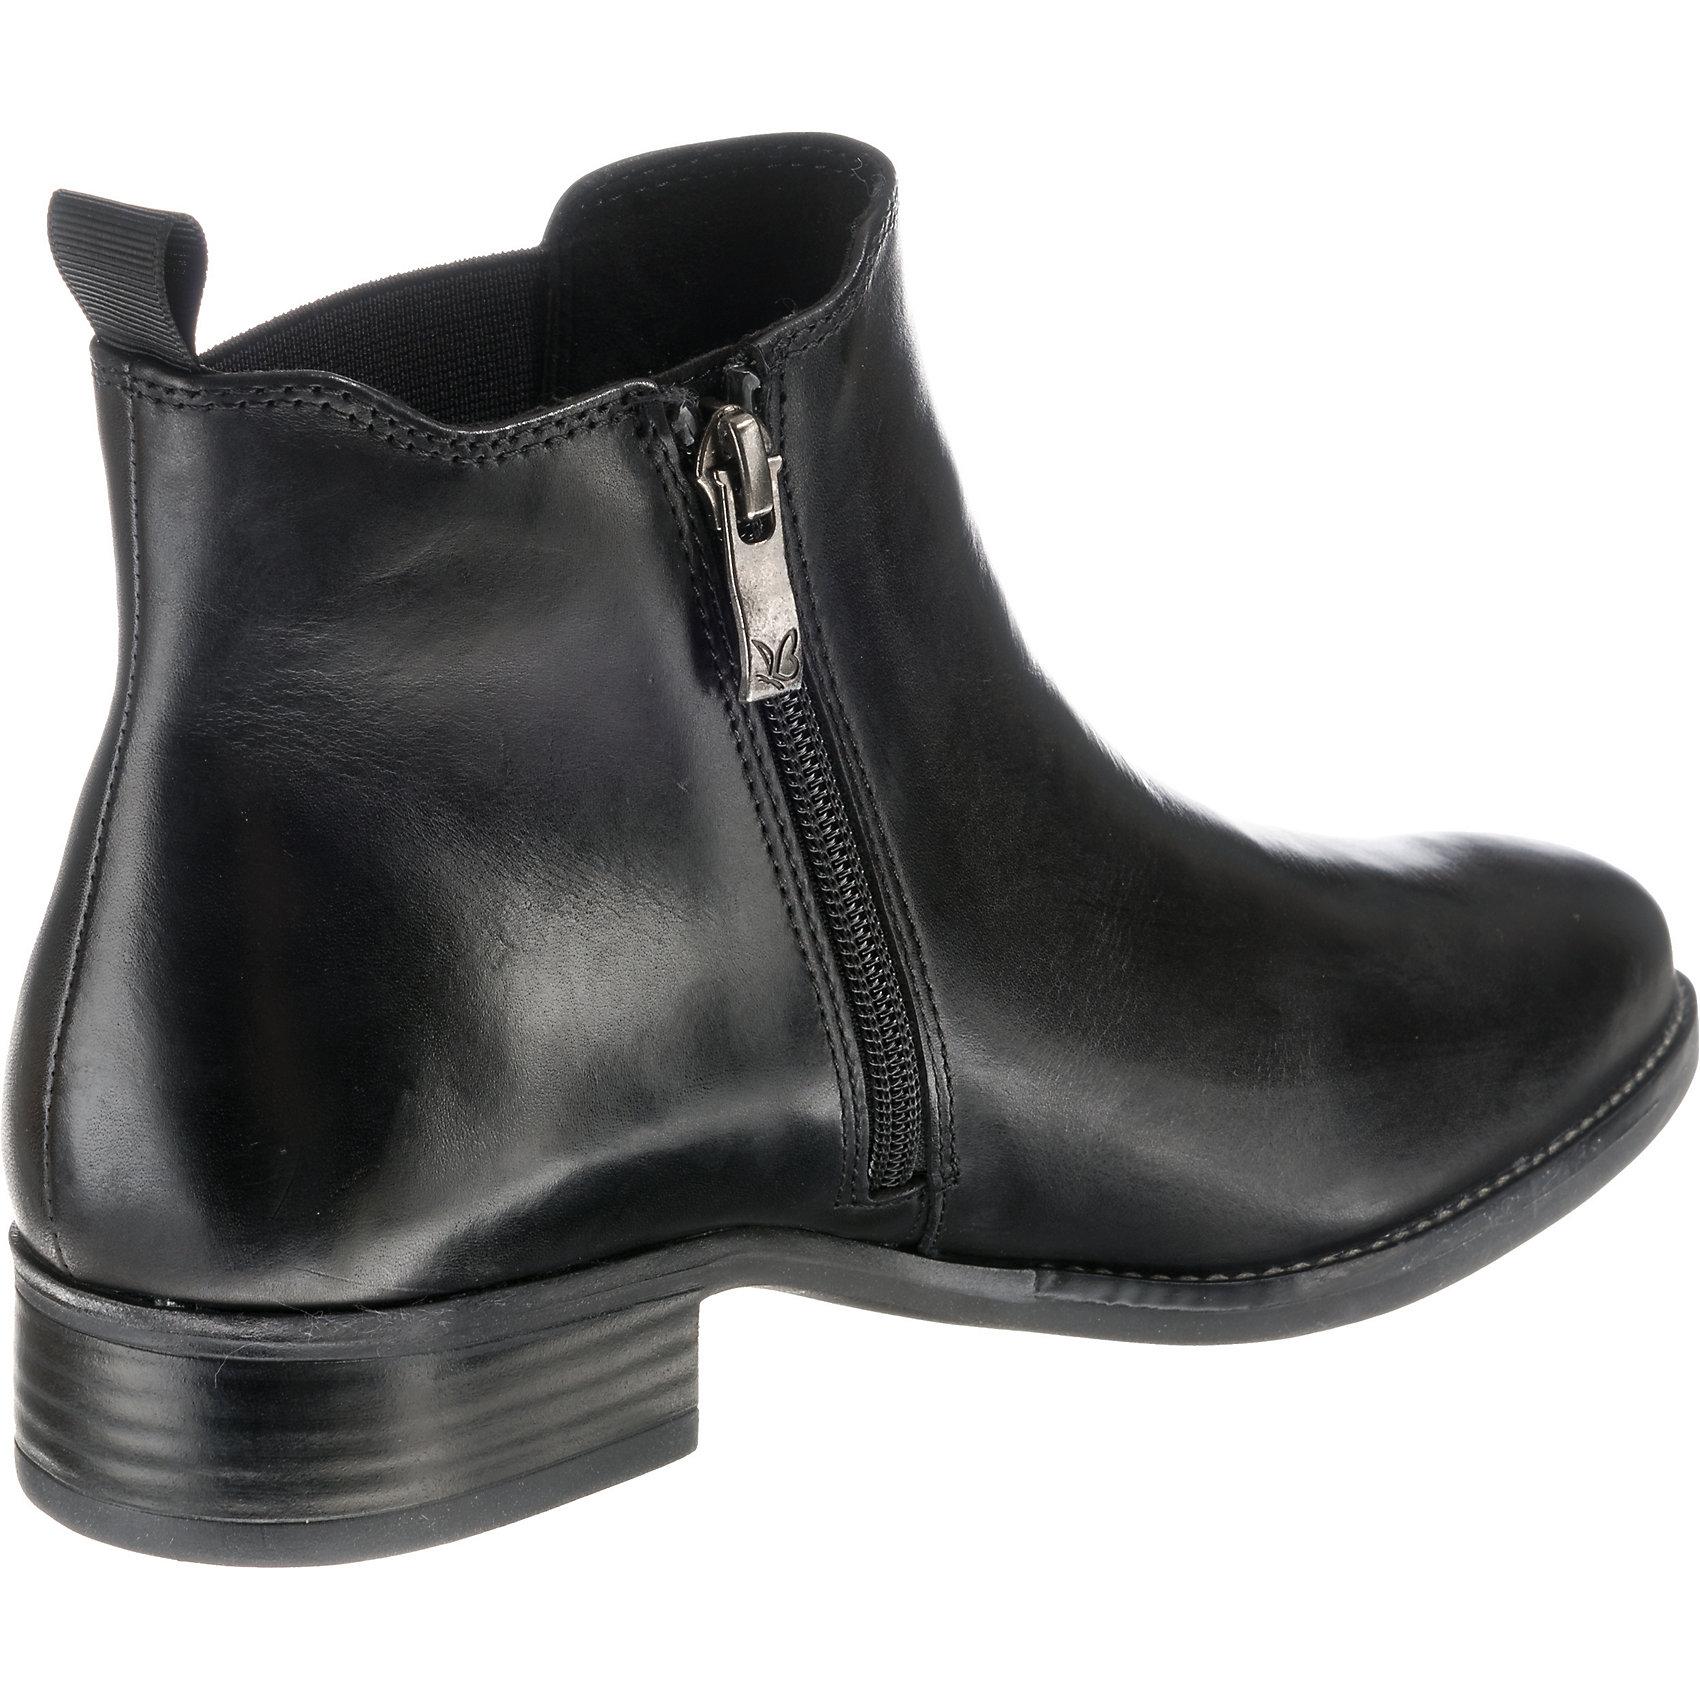 Neu CAPRICE Chelsea Stiefel Stiefel Stiefel 8545098 für Damen schwarz f71483